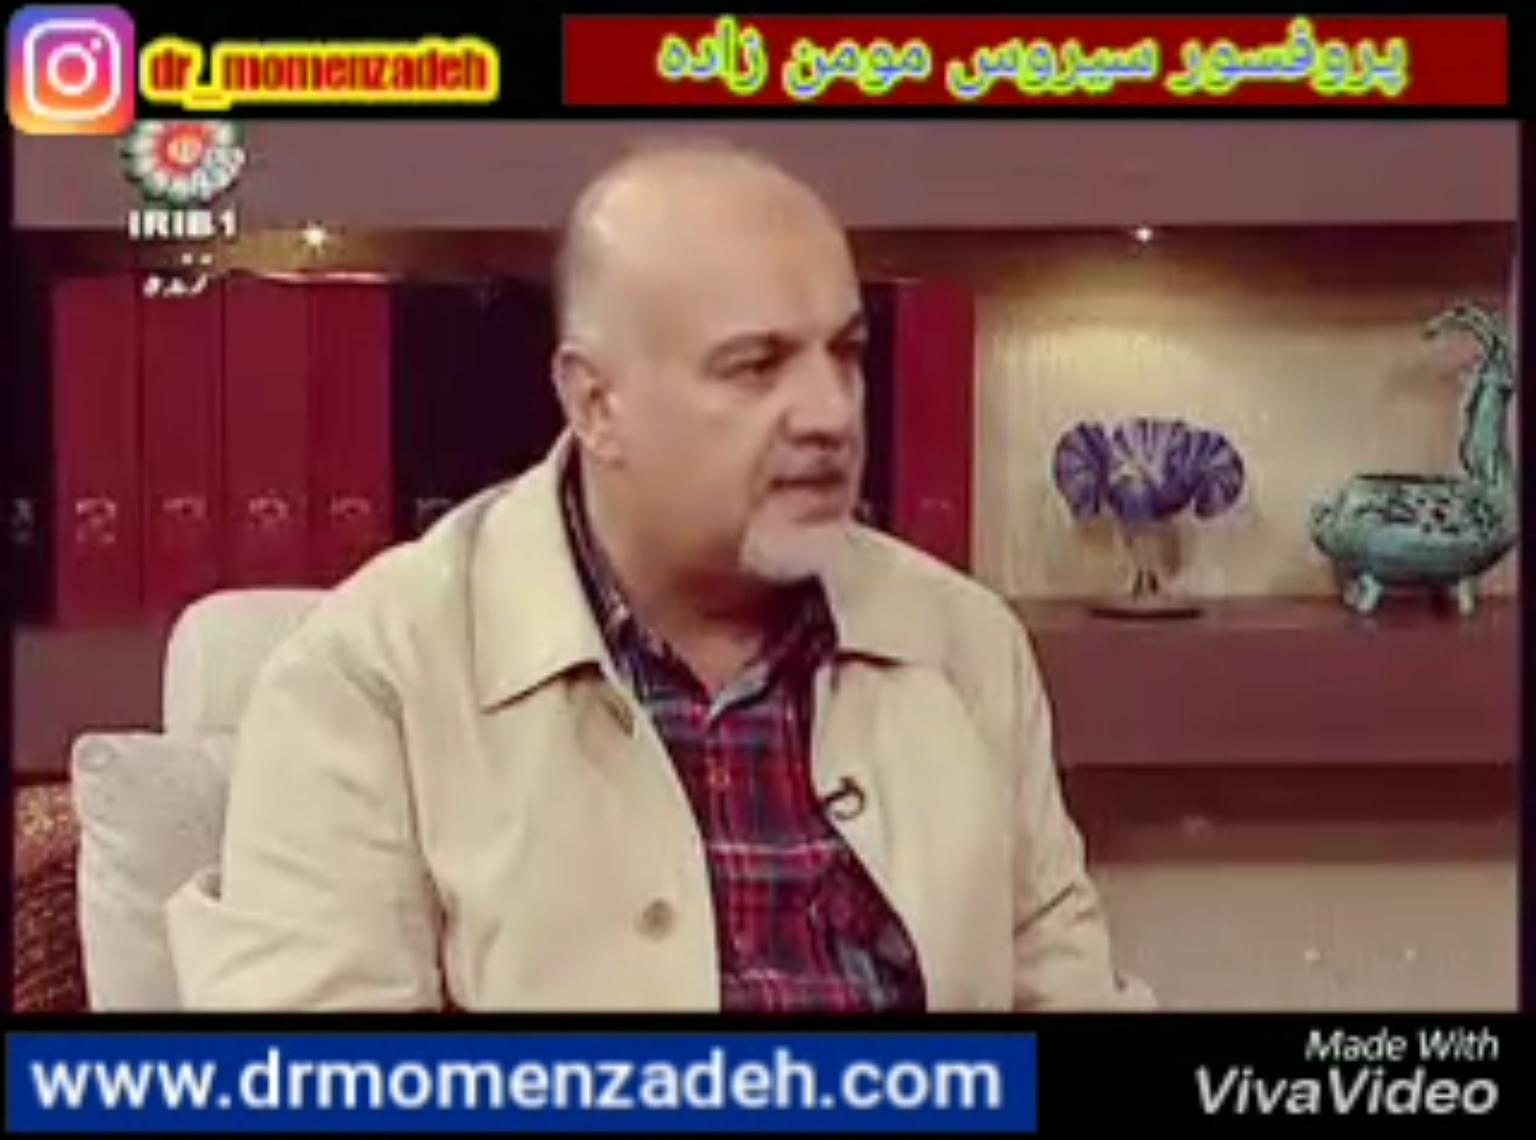 مصاحبه ی تلویزیونی   تاثیر لیزرتراپی در درمان درد و دیسک کمر و گردن  (بخش اول)